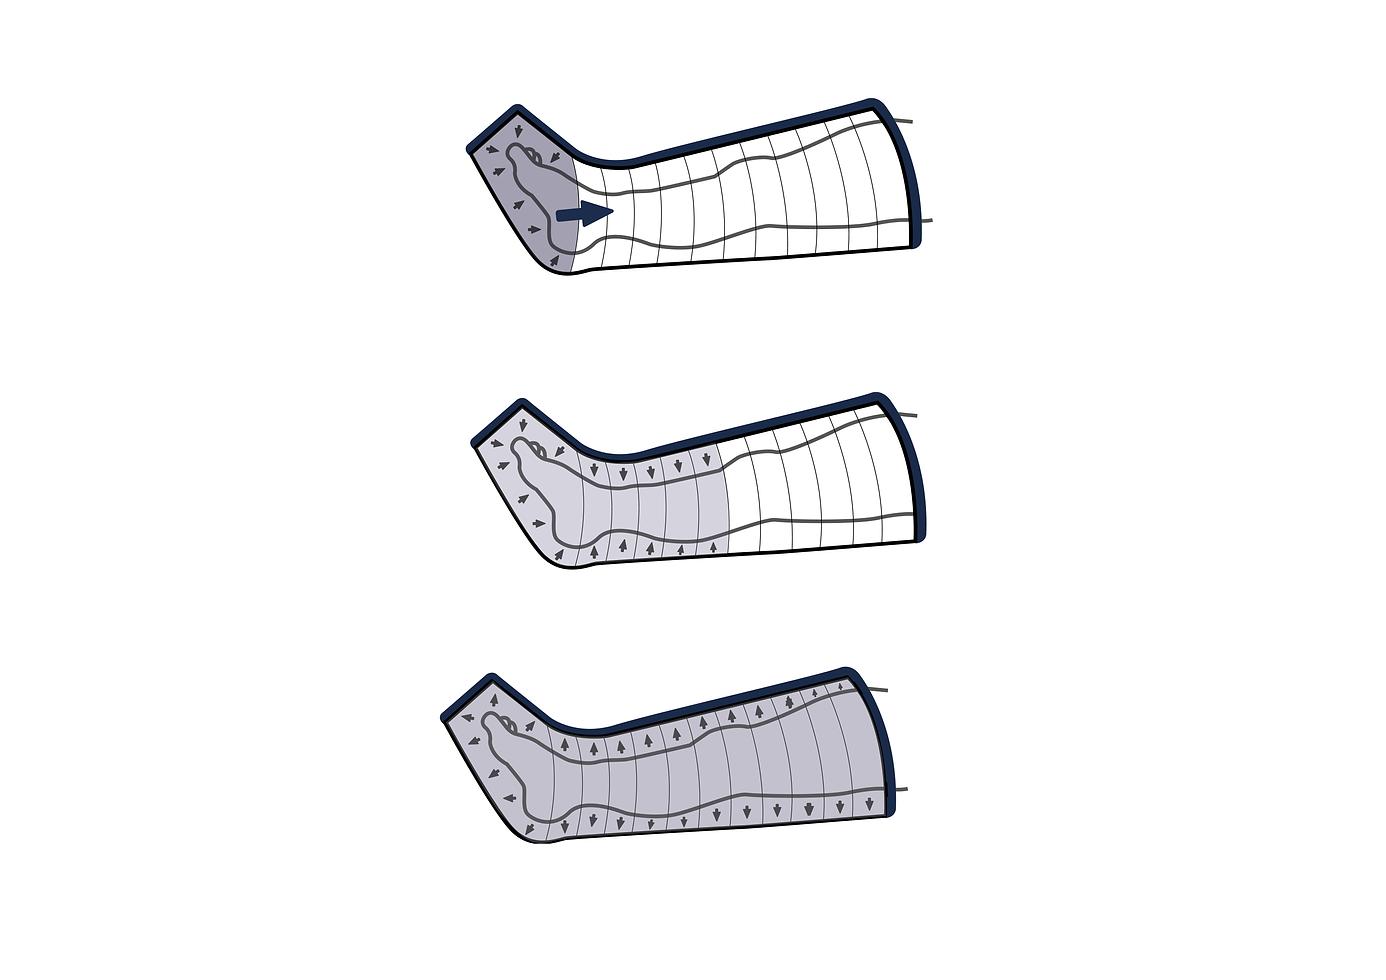 Beine Zeichnung.png